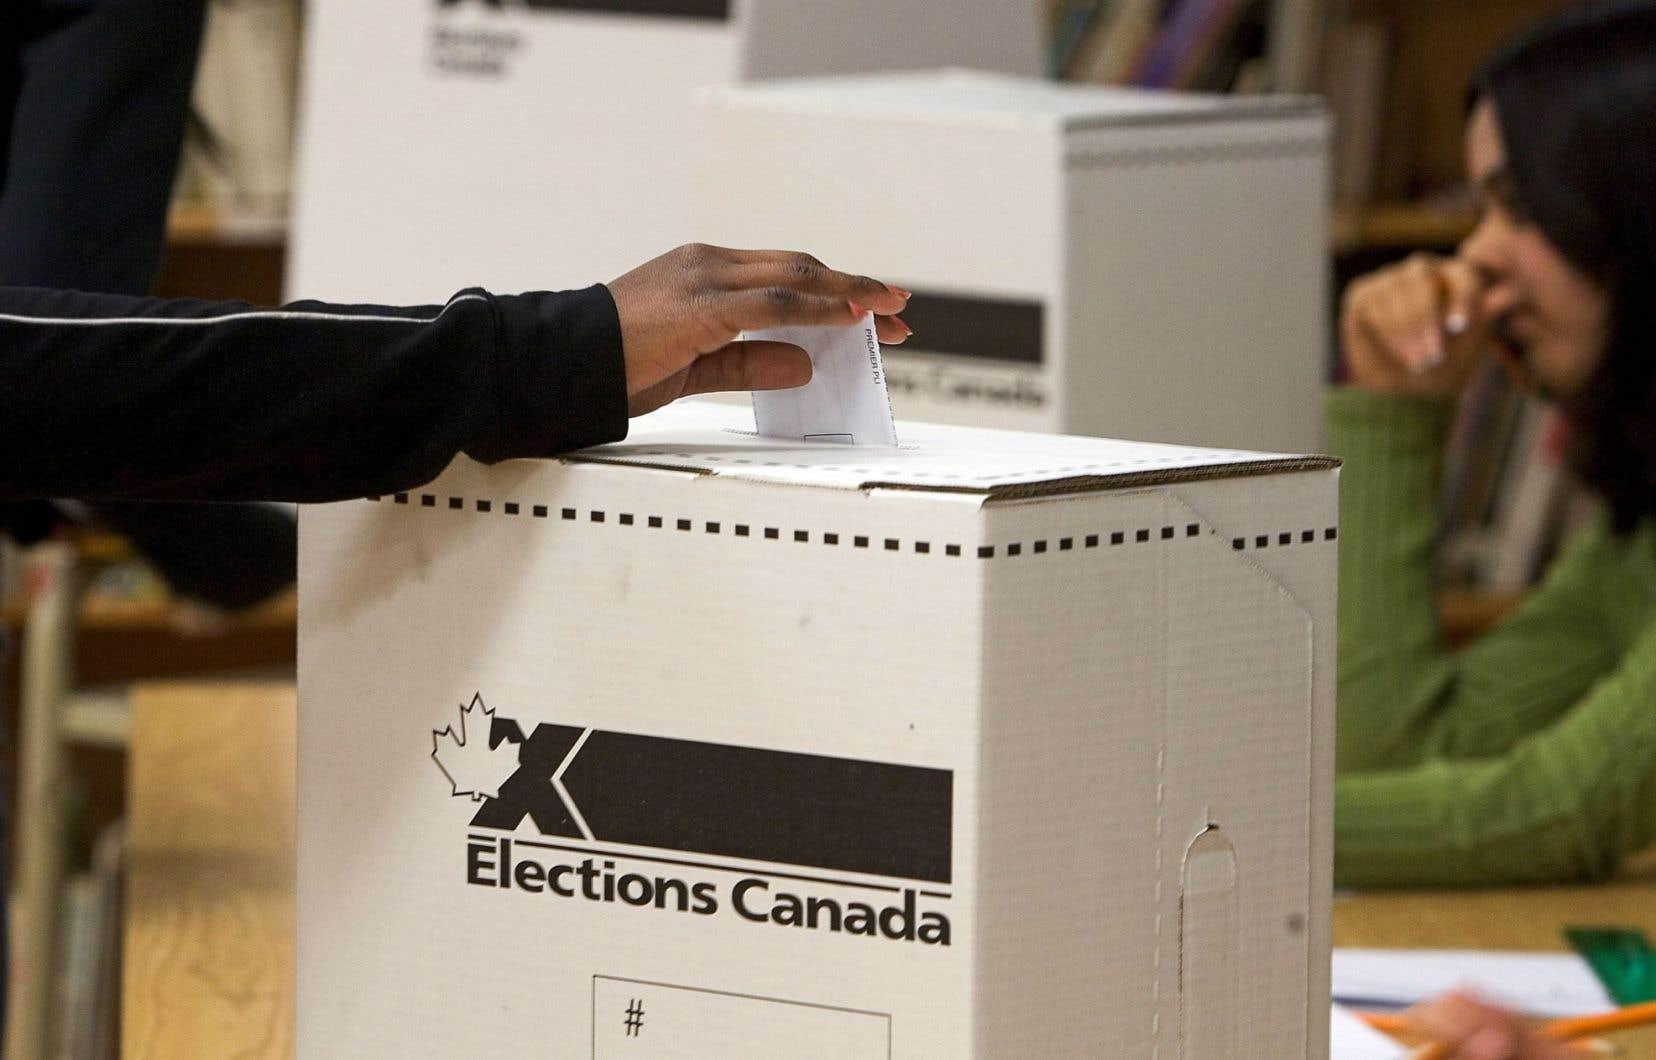 <p>La loi touche en théorie jusqu'à 1,4million d'expatriés canadiens, mais selon des données, un très petit nombre ont tenté de se prévaloir de leur droit de vote lors des plus récentes élections.</p>